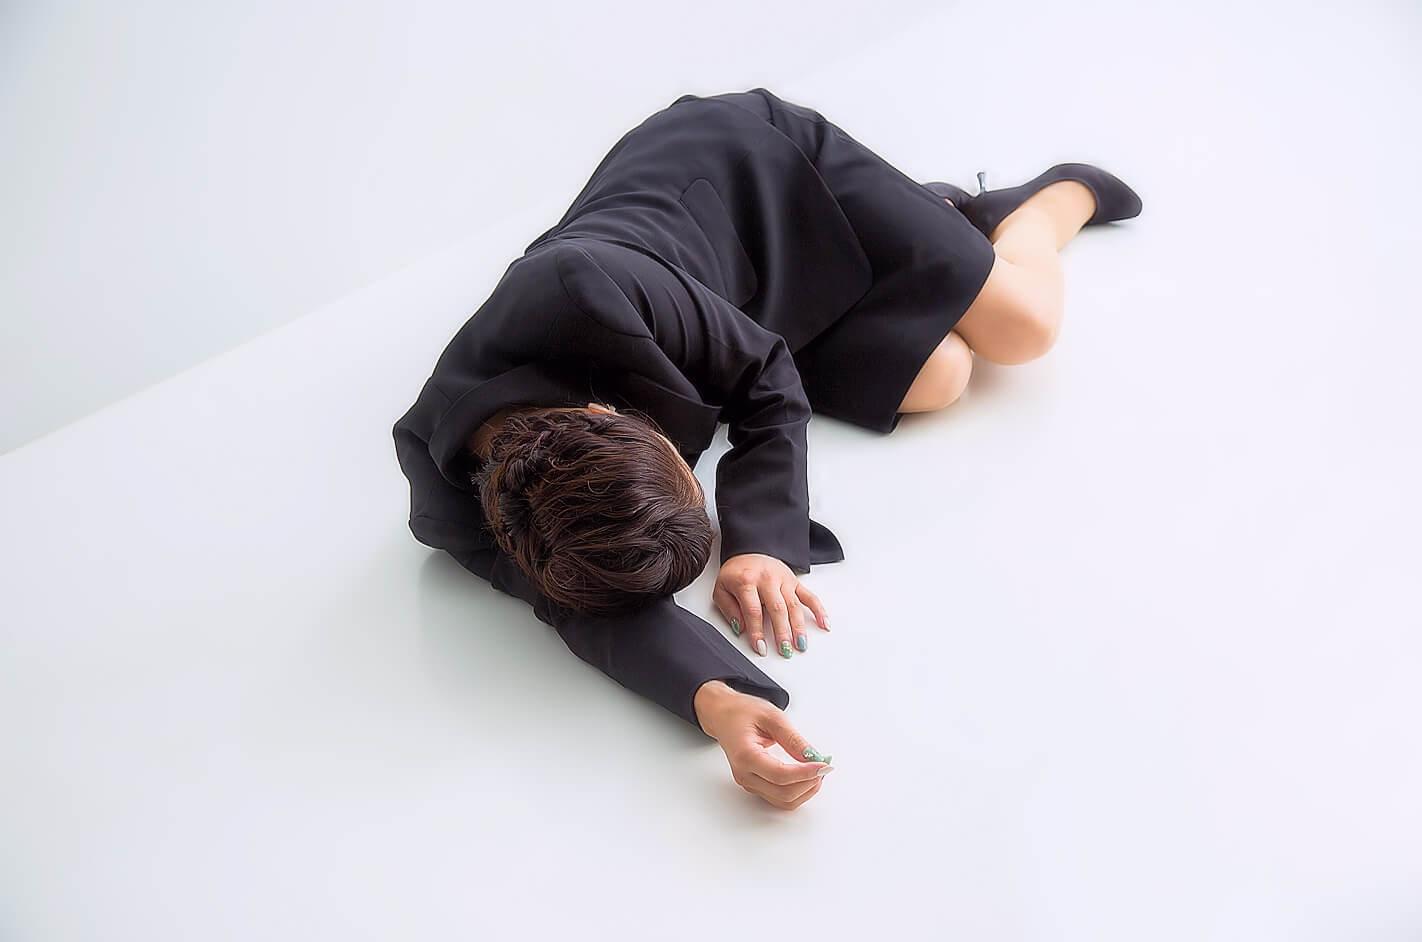 疲労困憊のビジネスウーマンが倒れた様子